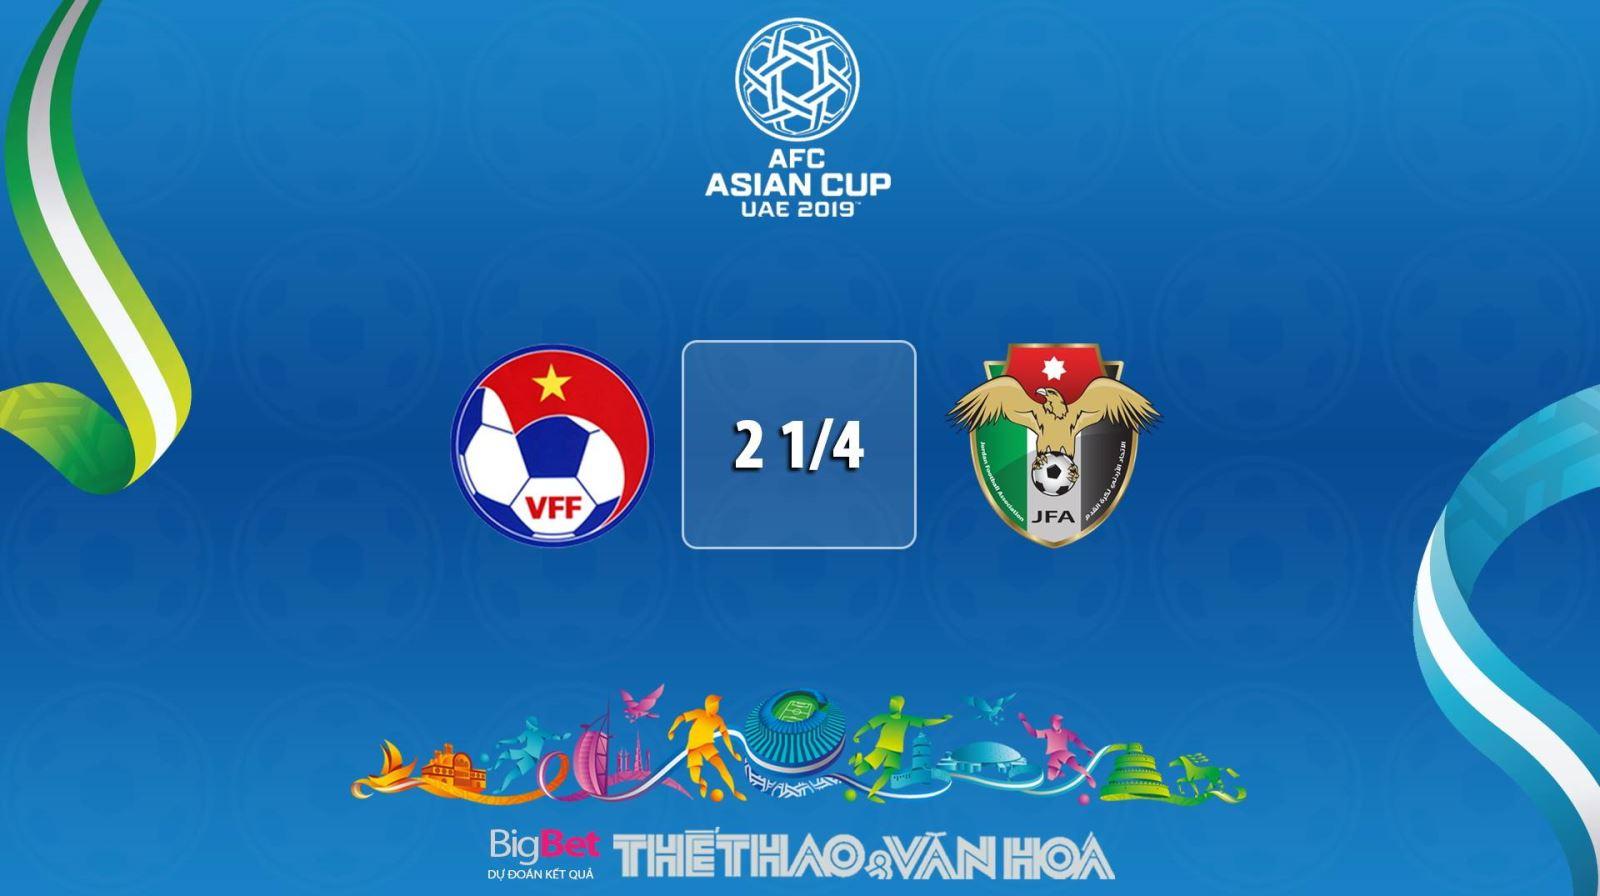 Kết quả bóng đá, ket qua bong da, ket qua bong da Asian Cup 2019, kết quả bóng đá Asian Cup 2019, kqbd Asian Cup 2019, kqbd Asian 2019, ket qua bong da Asian 2019, kết quả bóng đá Asiad 2019, ket qua bong da Asiad 2019, kết quả bóng đá hôm nay, ket qua bong da asian cup 2019 hom nay